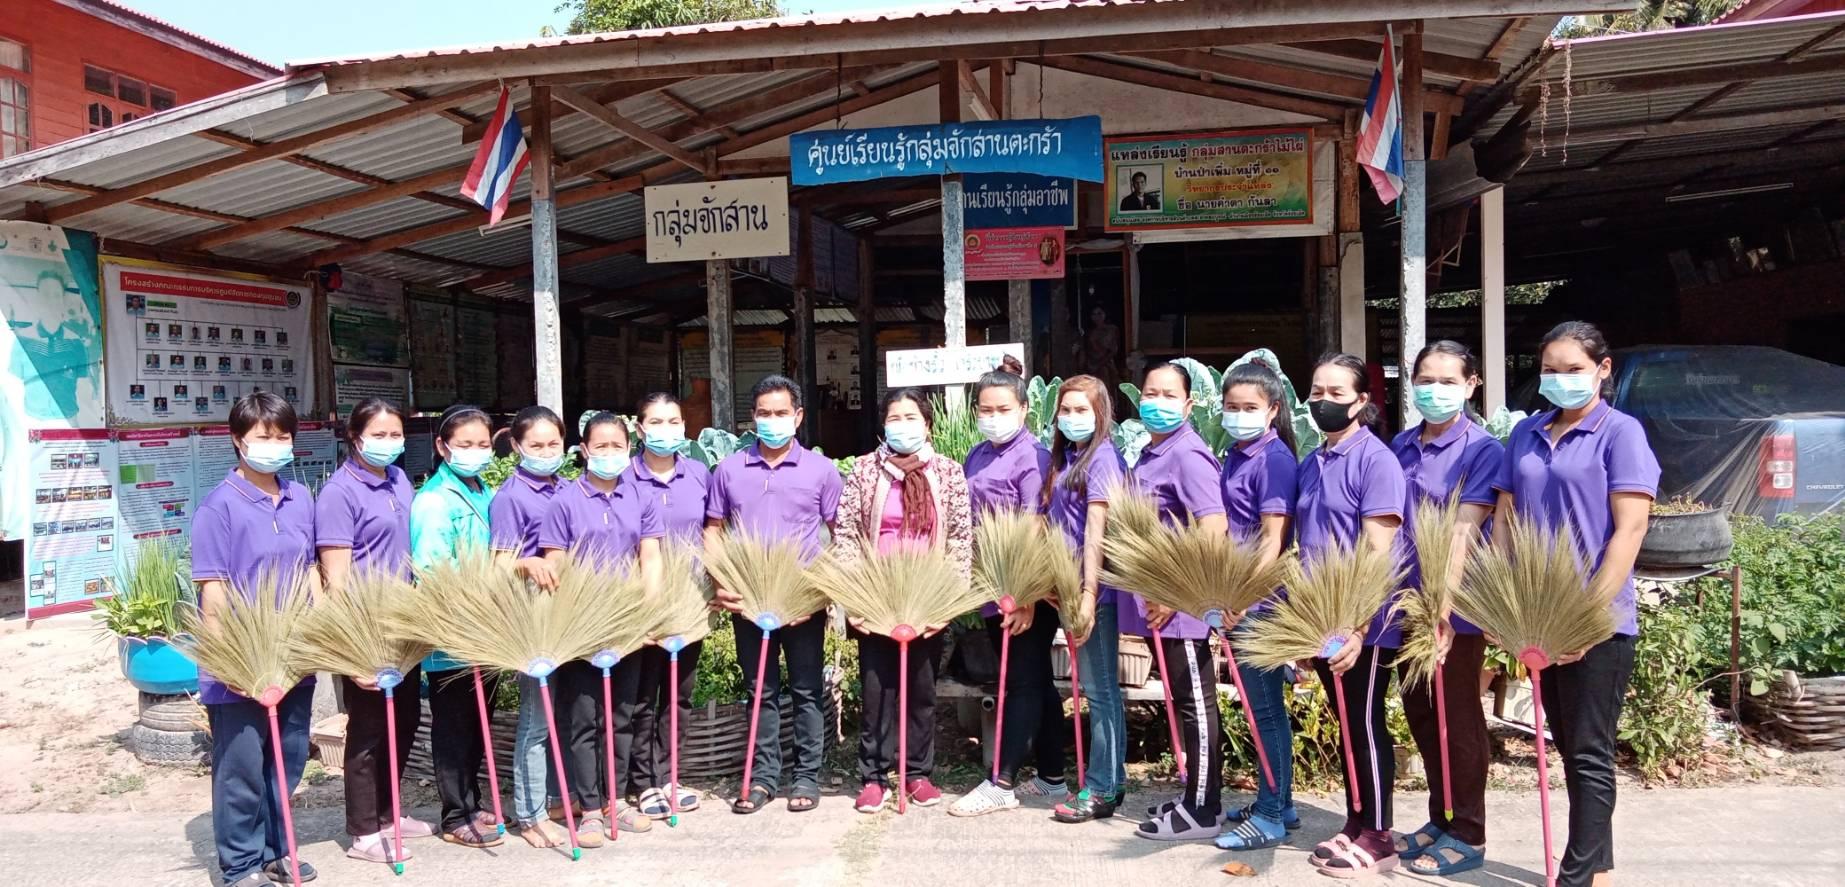 ไม้กวาดดอกหญ้าพัฒนาอาชีพ พัฒนาชุมชนกับการส่งเสริมอาชีพชาวบ้านป่าเพิ่ม หมู่ 11